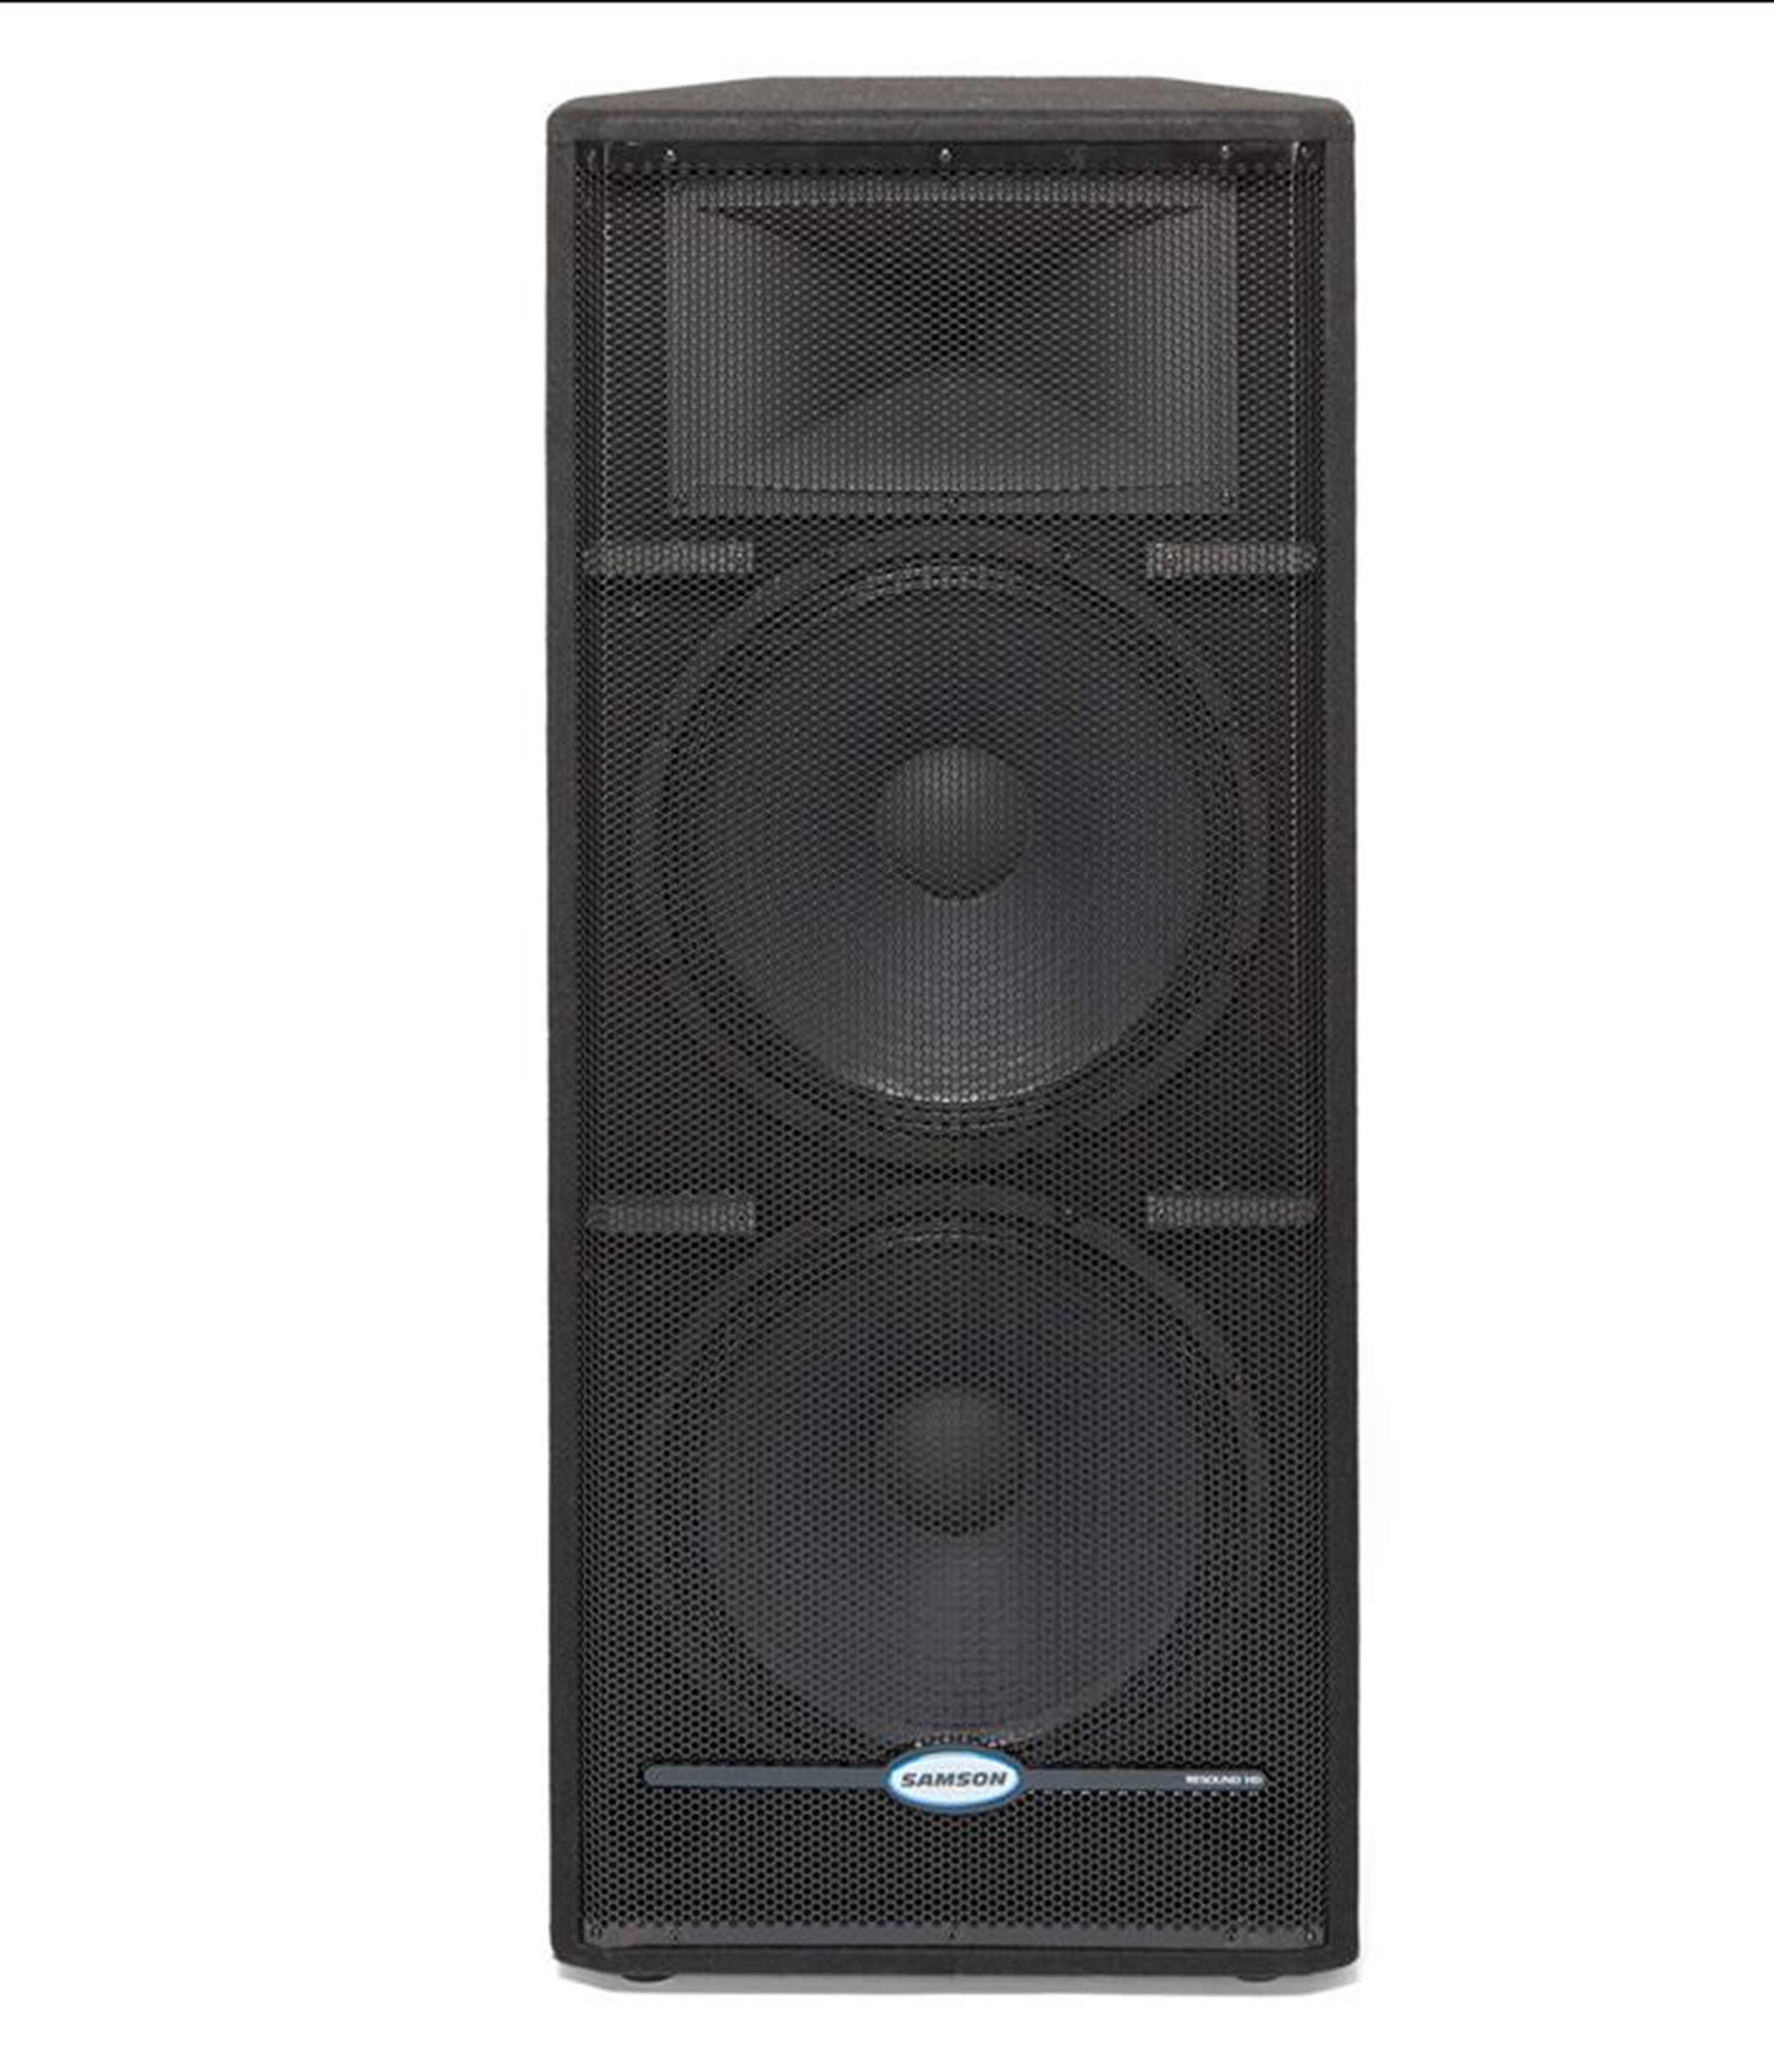 Samson-RS215-HD-Diffusore-Passivo-1200W-sku-7643280604004